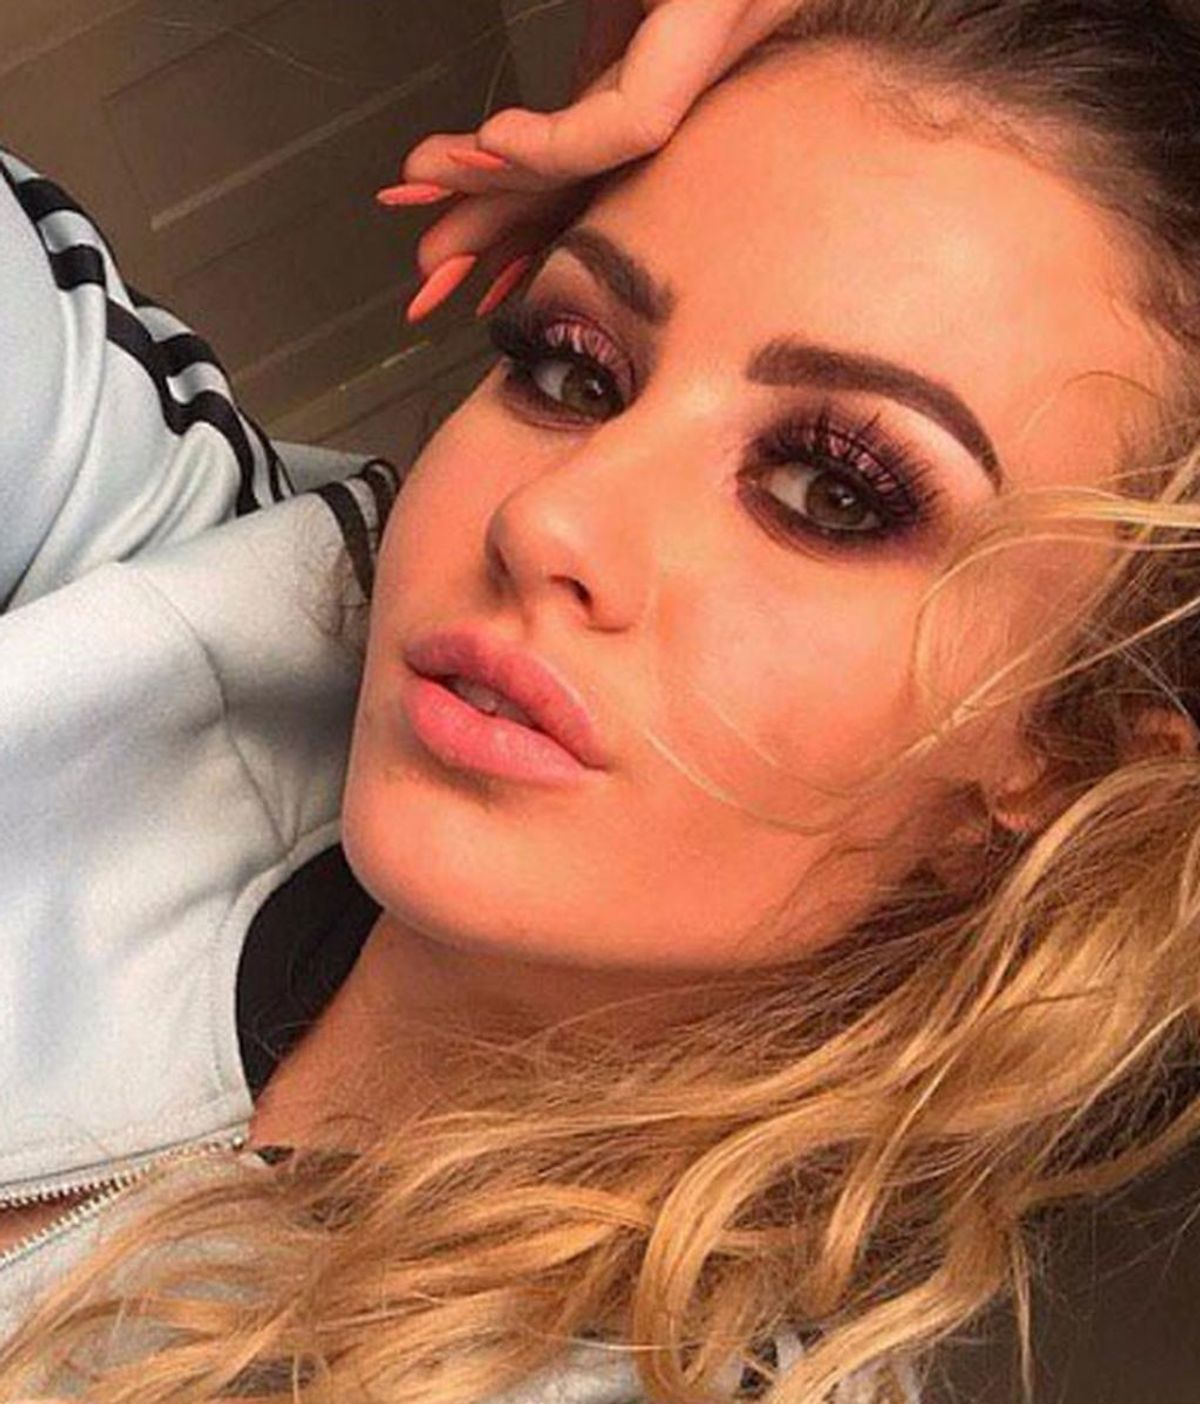 El secuestro de la modelo Chloe Ayling:  La Policía sospecha que fue una farsa